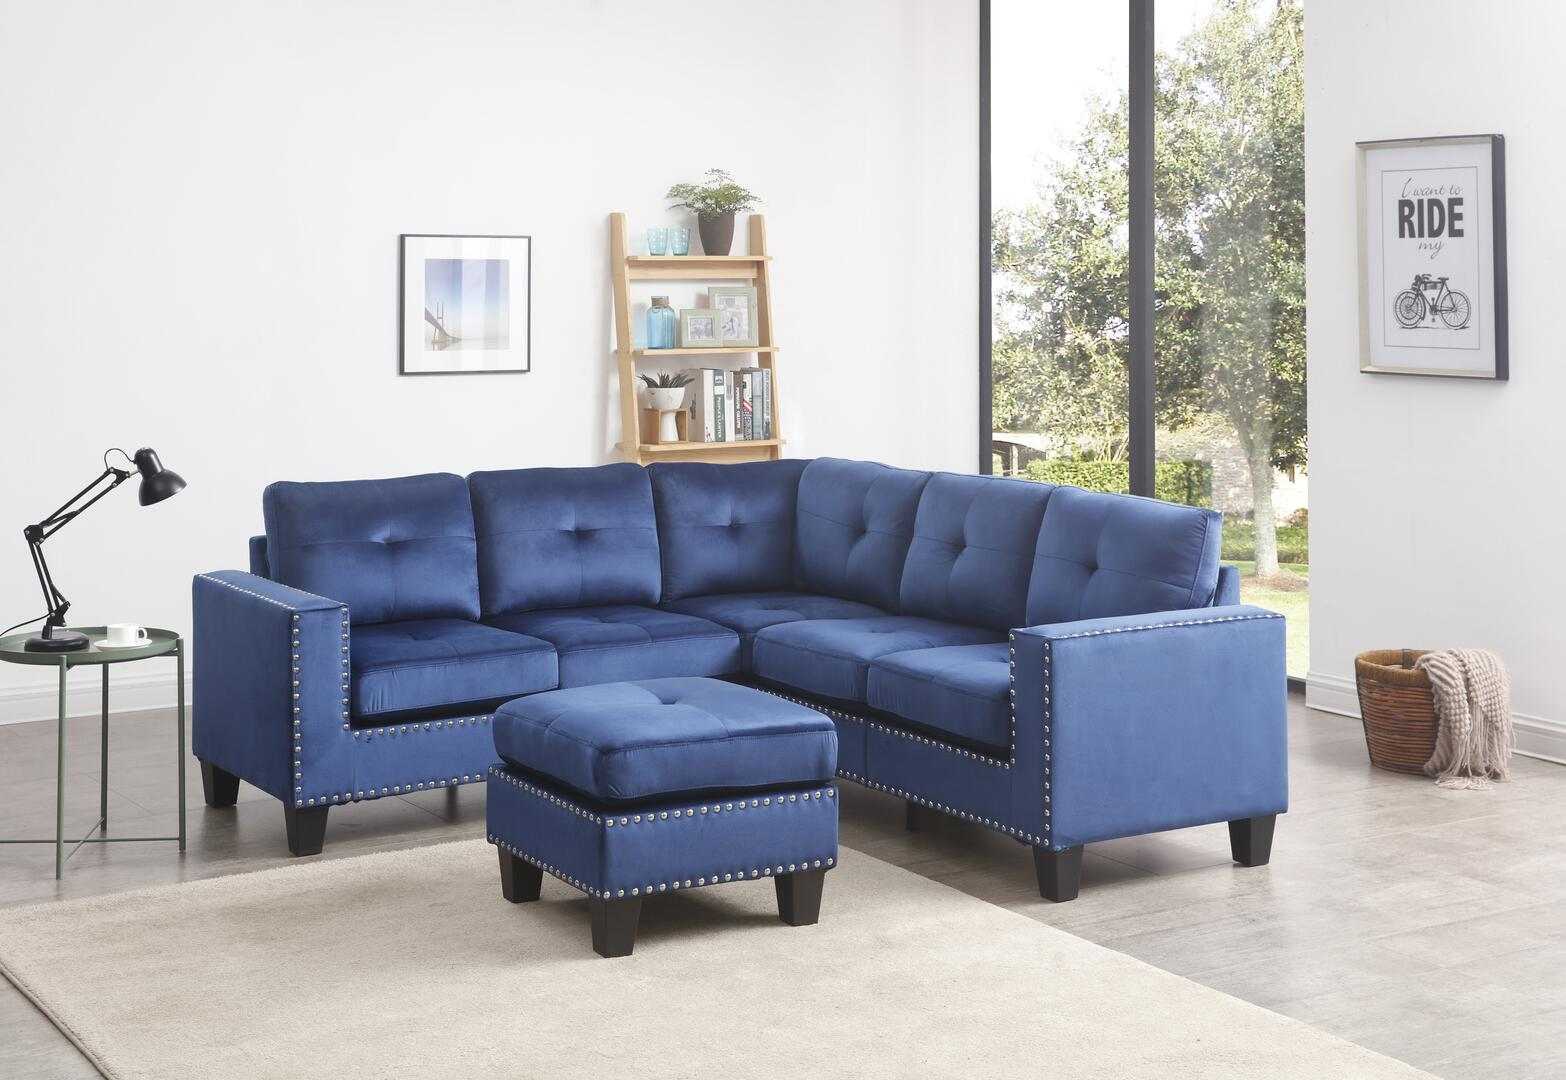 Glory Furniture G313bsco